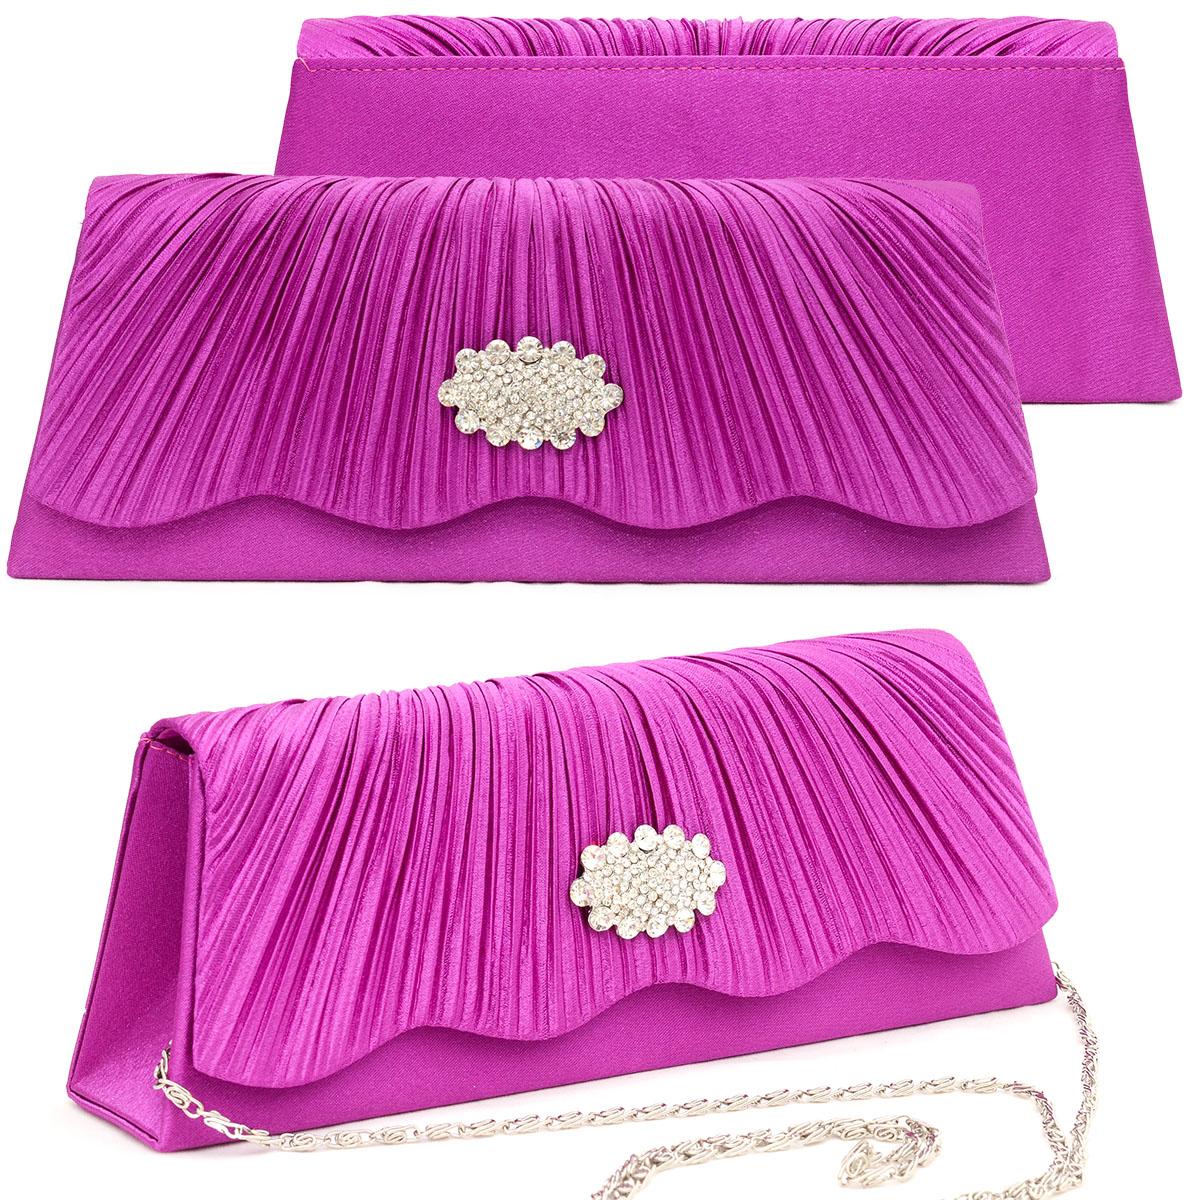 Taschen Kleidung & Accessoires 100% Wahr Clutch Abendtasche Brauttasche Handtasche Damen Violett Lila Brauttasche Strass